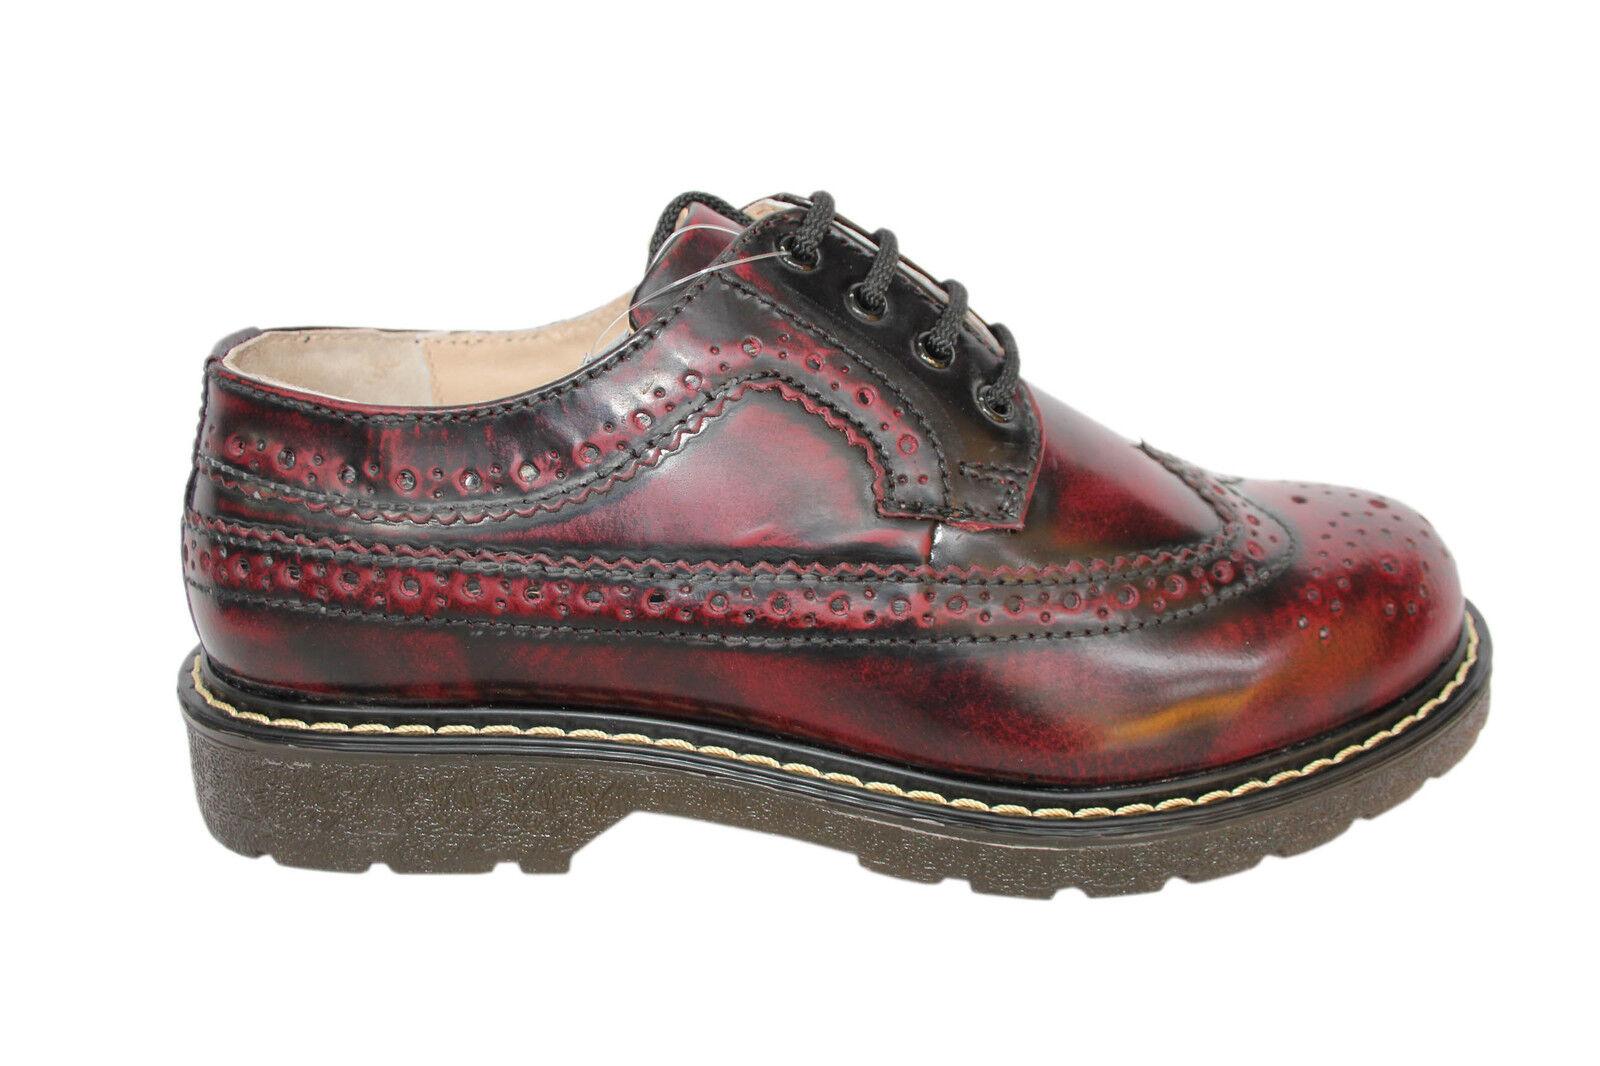 Amoladoras bertrum Borgoña Para mujer Para Mujer Americana Zapato Bajo De Cuero Con Encaje Zapatos De Cuero